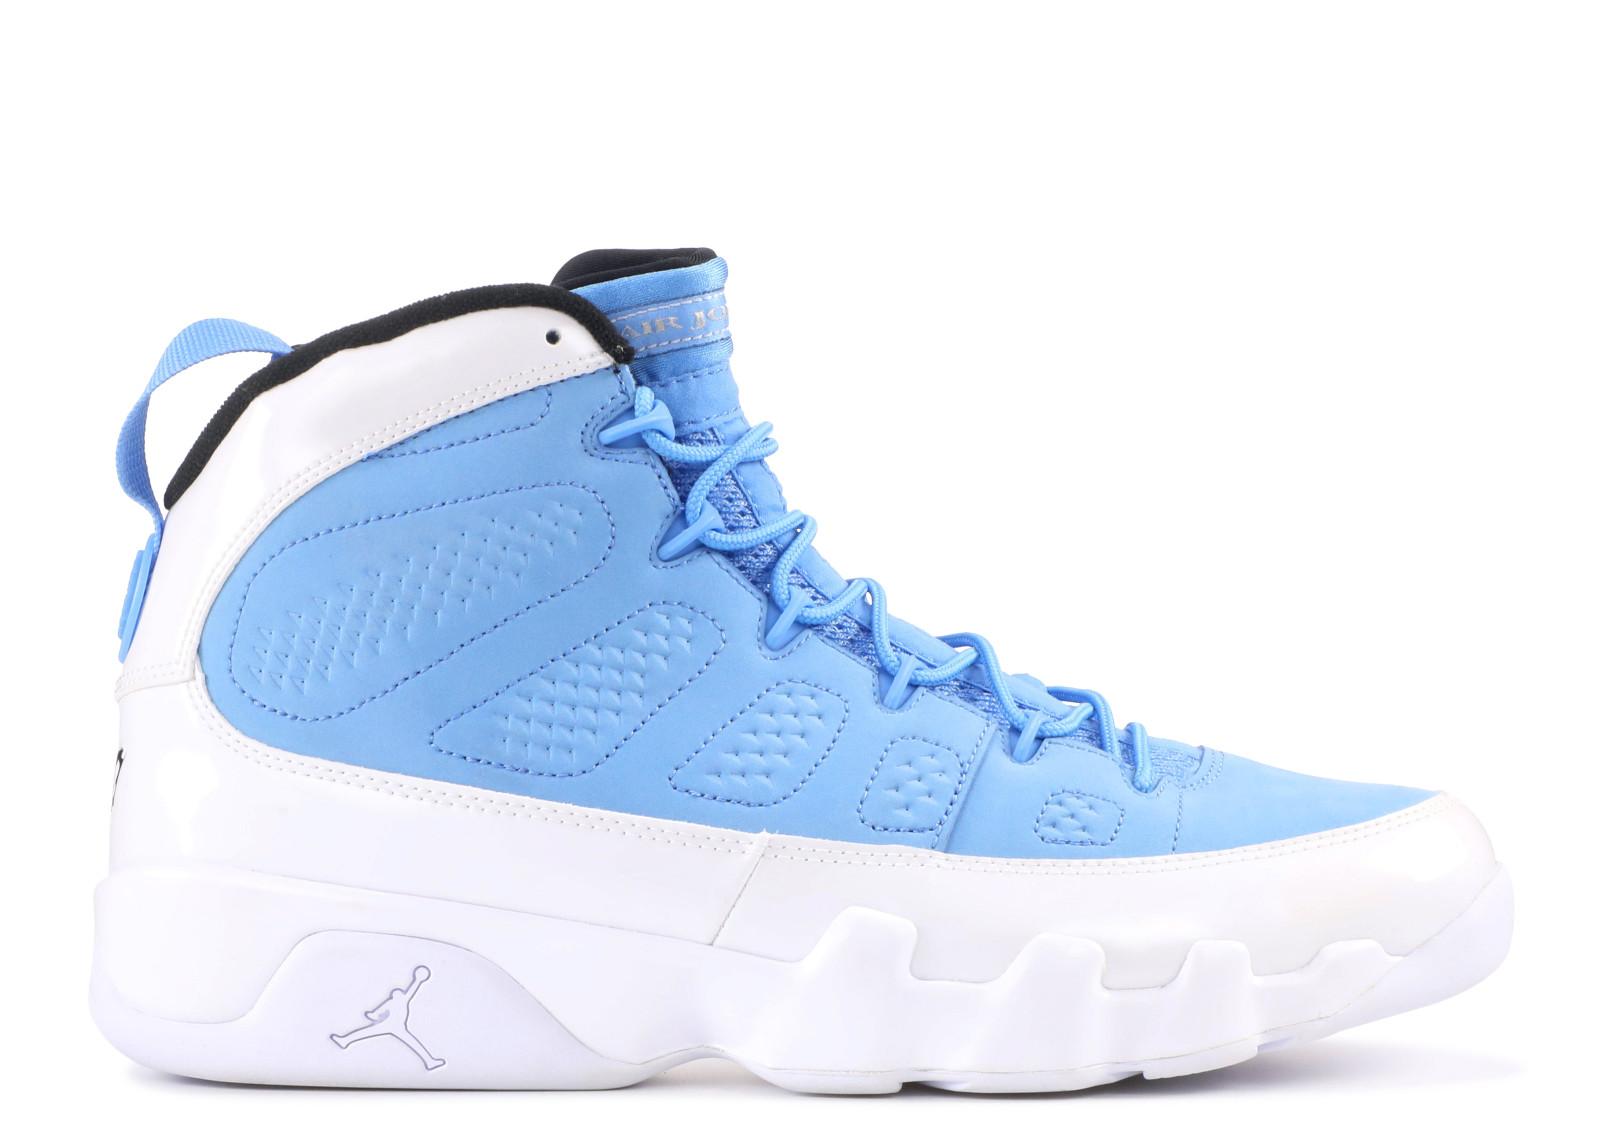 エアー ジョーダン レトロ ラブ ゲーム ユニバーシティー メンズ 男性用 靴 メンズ靴 スニーカー 【 AIR JORDAN GAME 9 RETRO FOR THE LOVE OF UNIVERSITY BLUE WHITEBLACK 】